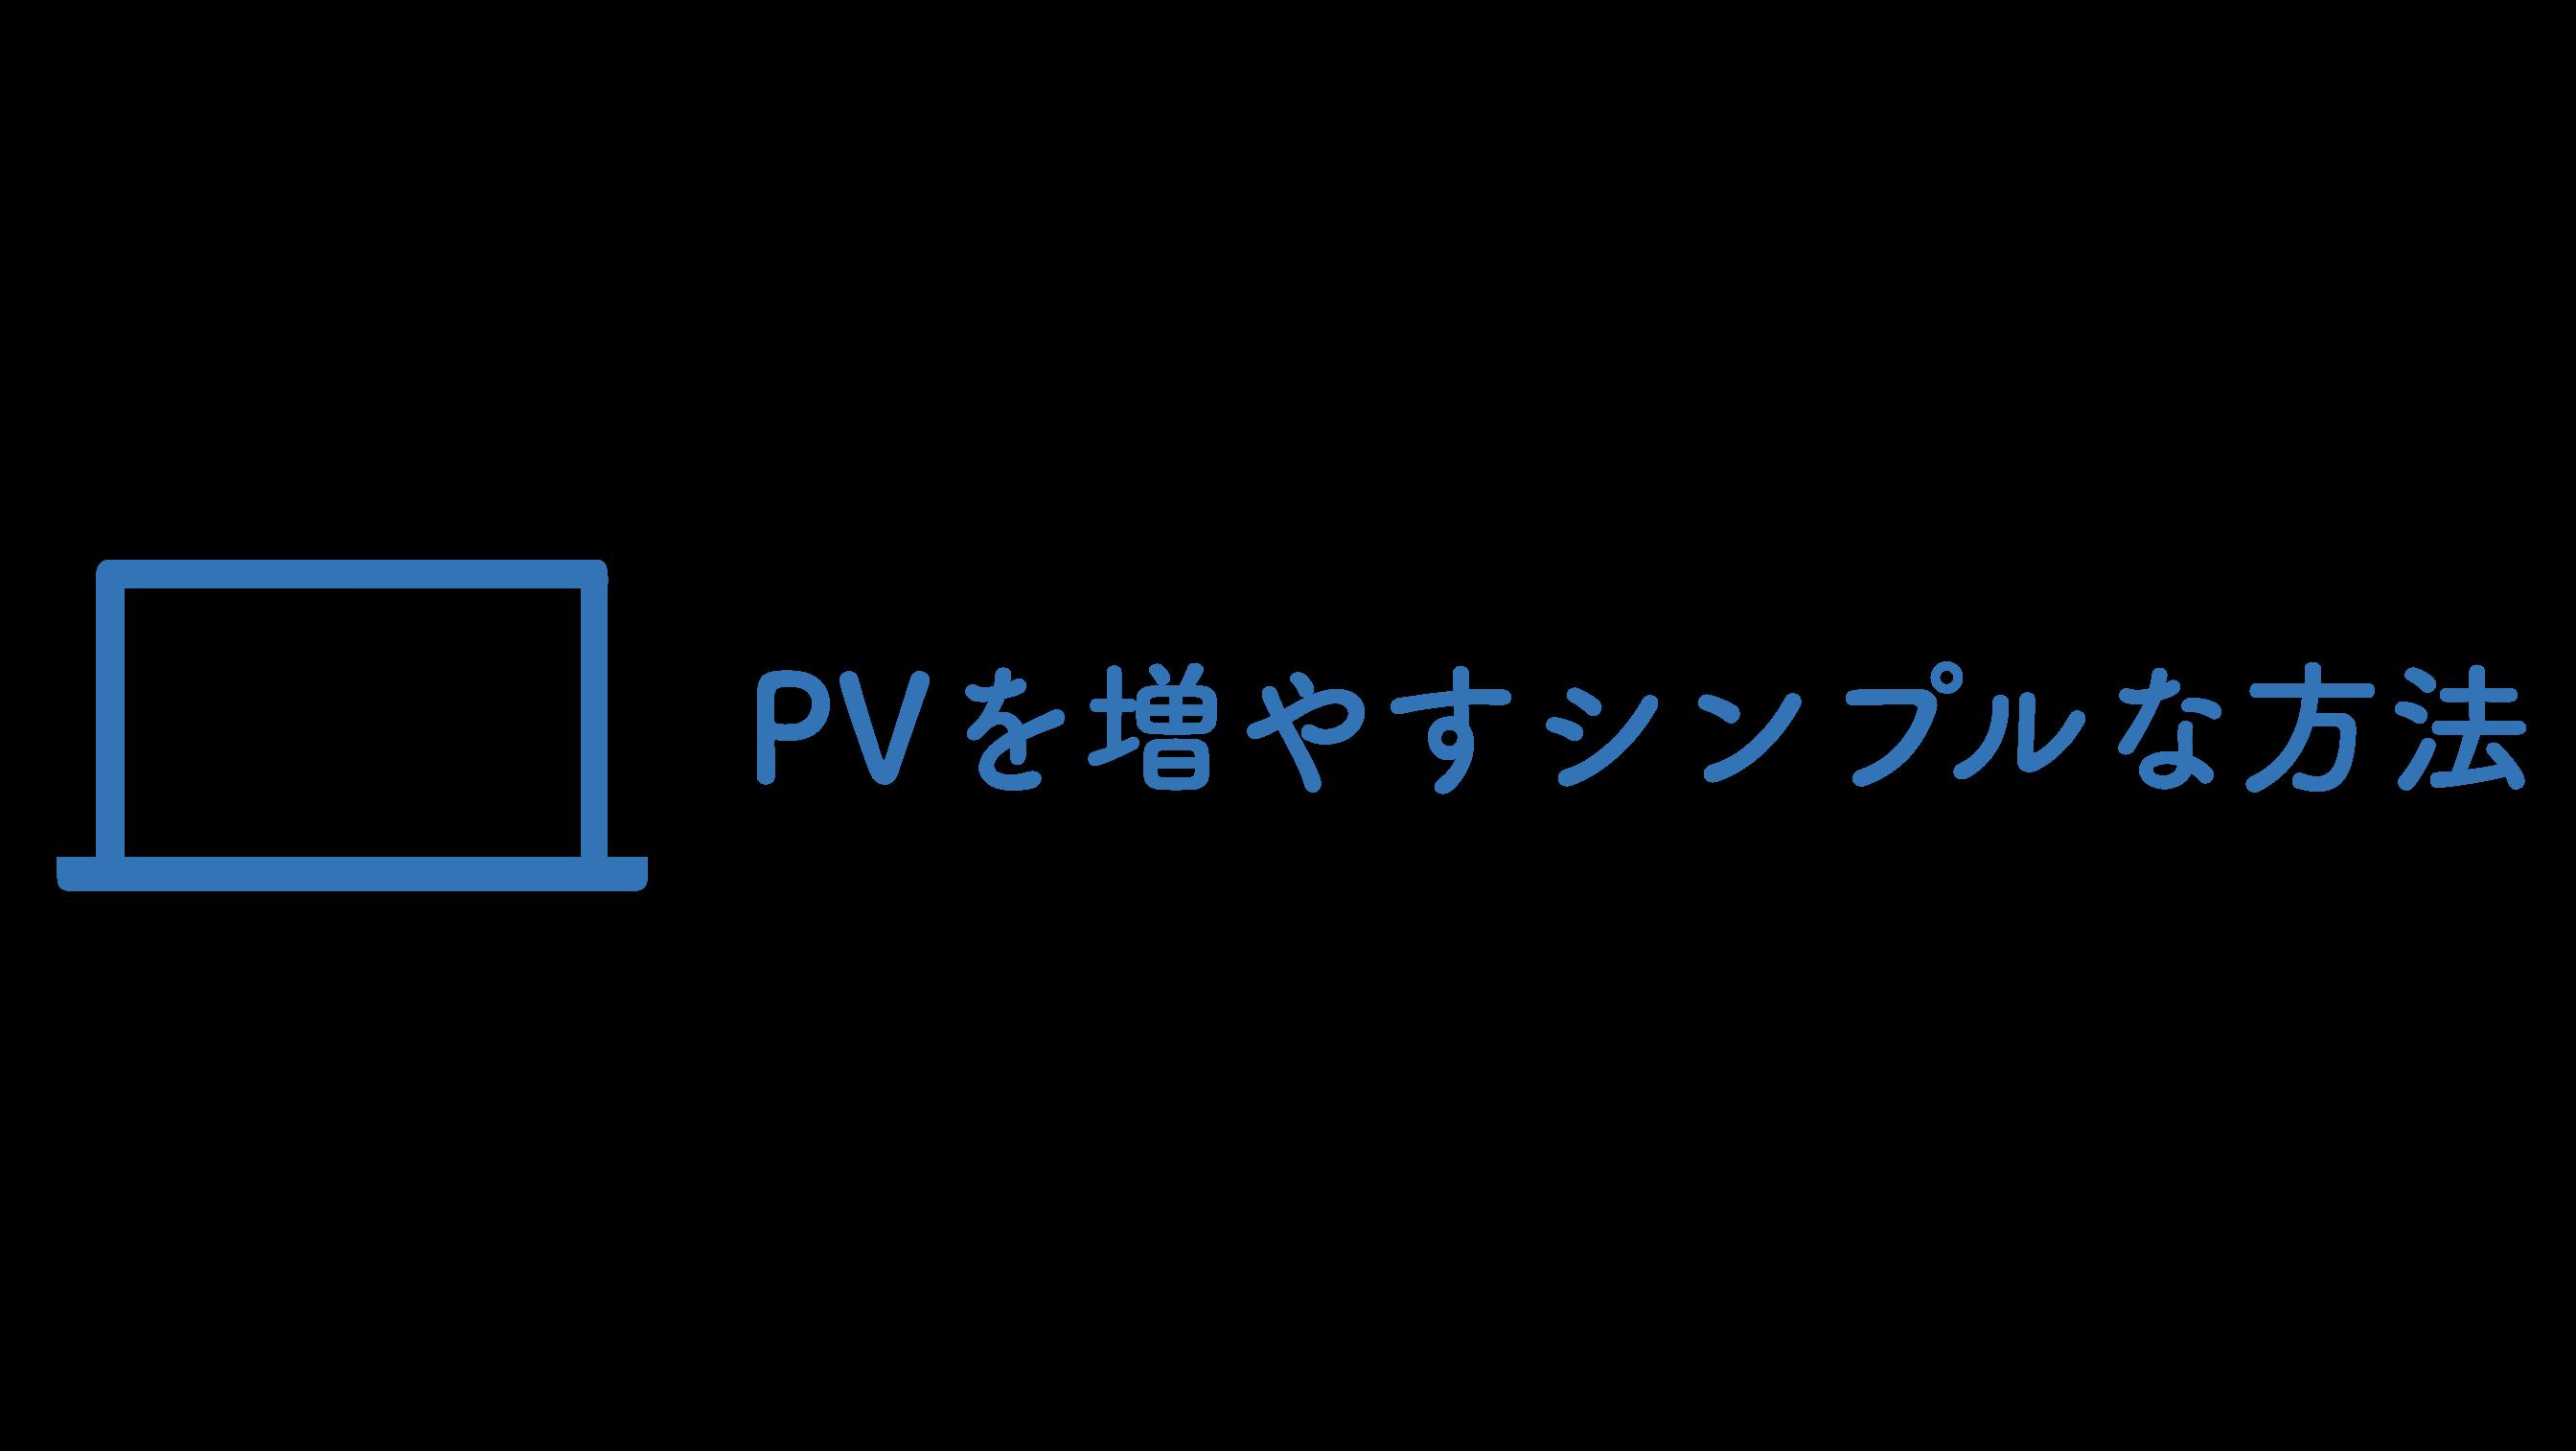 PV-fuyasu